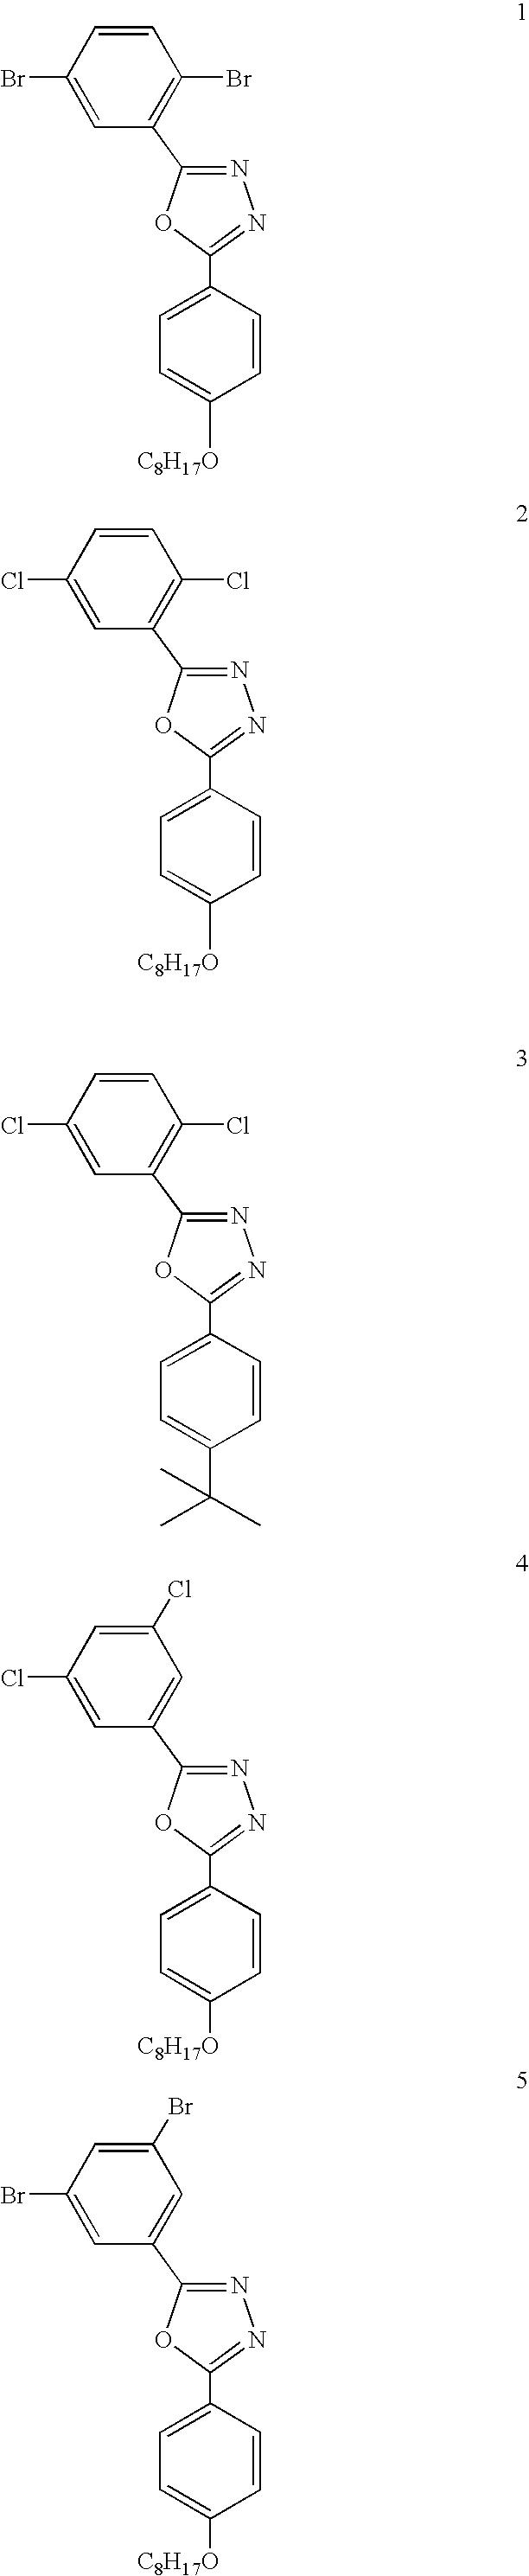 Figure US20040062930A1-20040401-C00035